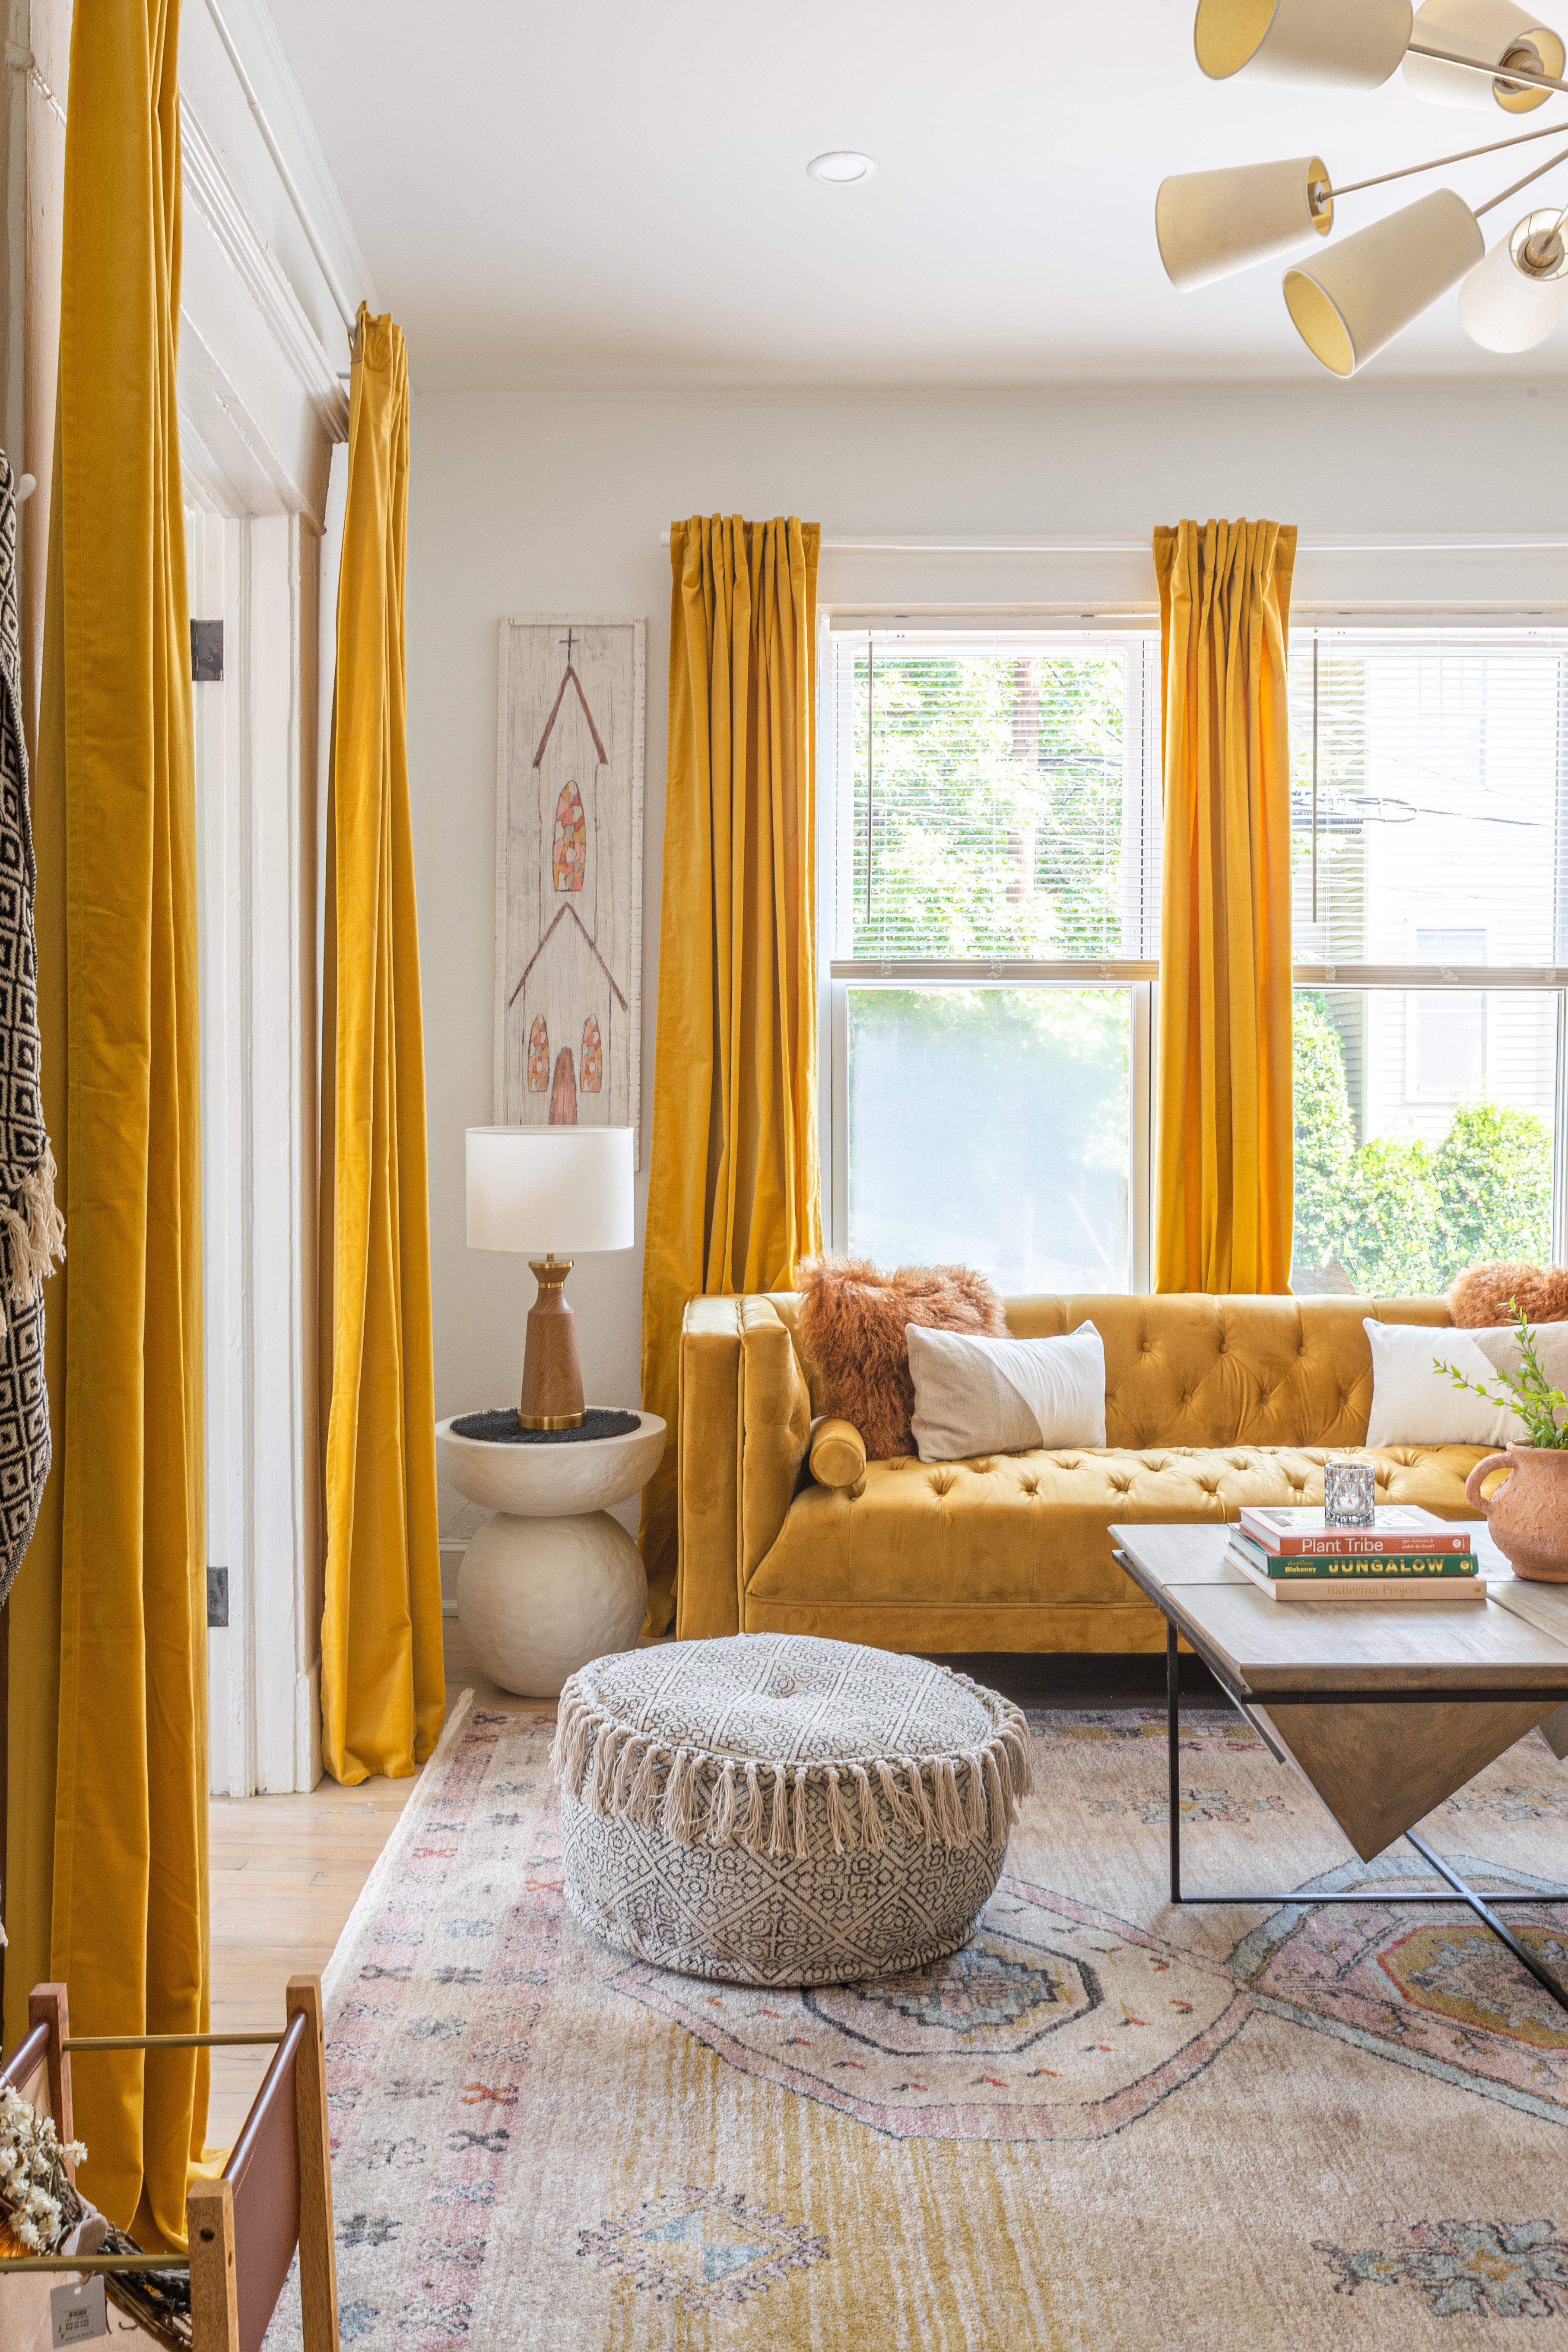 03 livingroom 20210728-IMG_1105-HDR.jpg